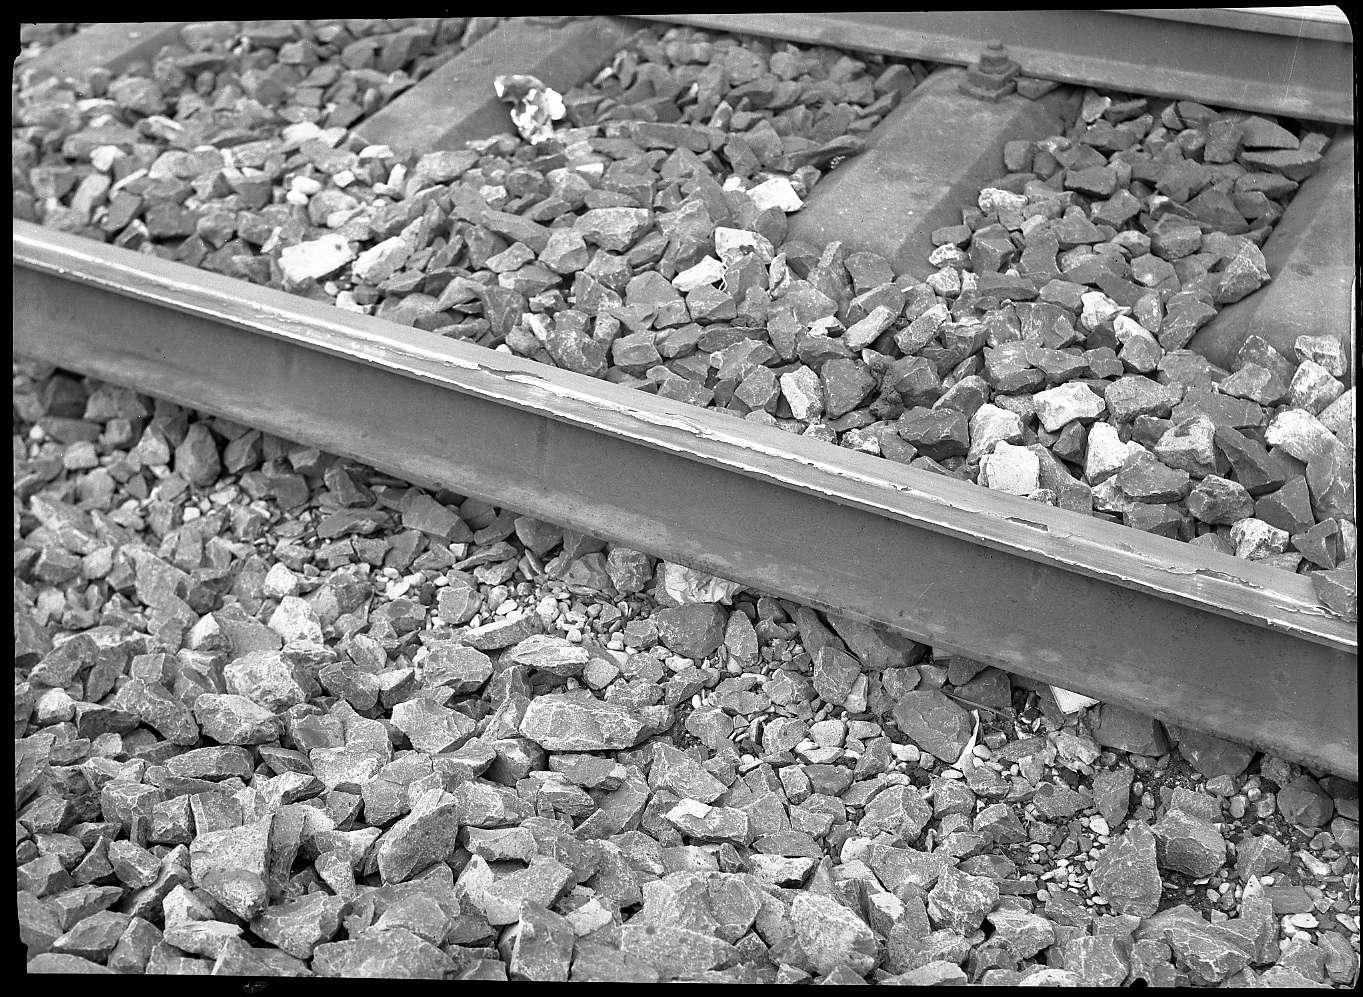 Tamm, beschädigte Schienen bei Tamm, Abb. c